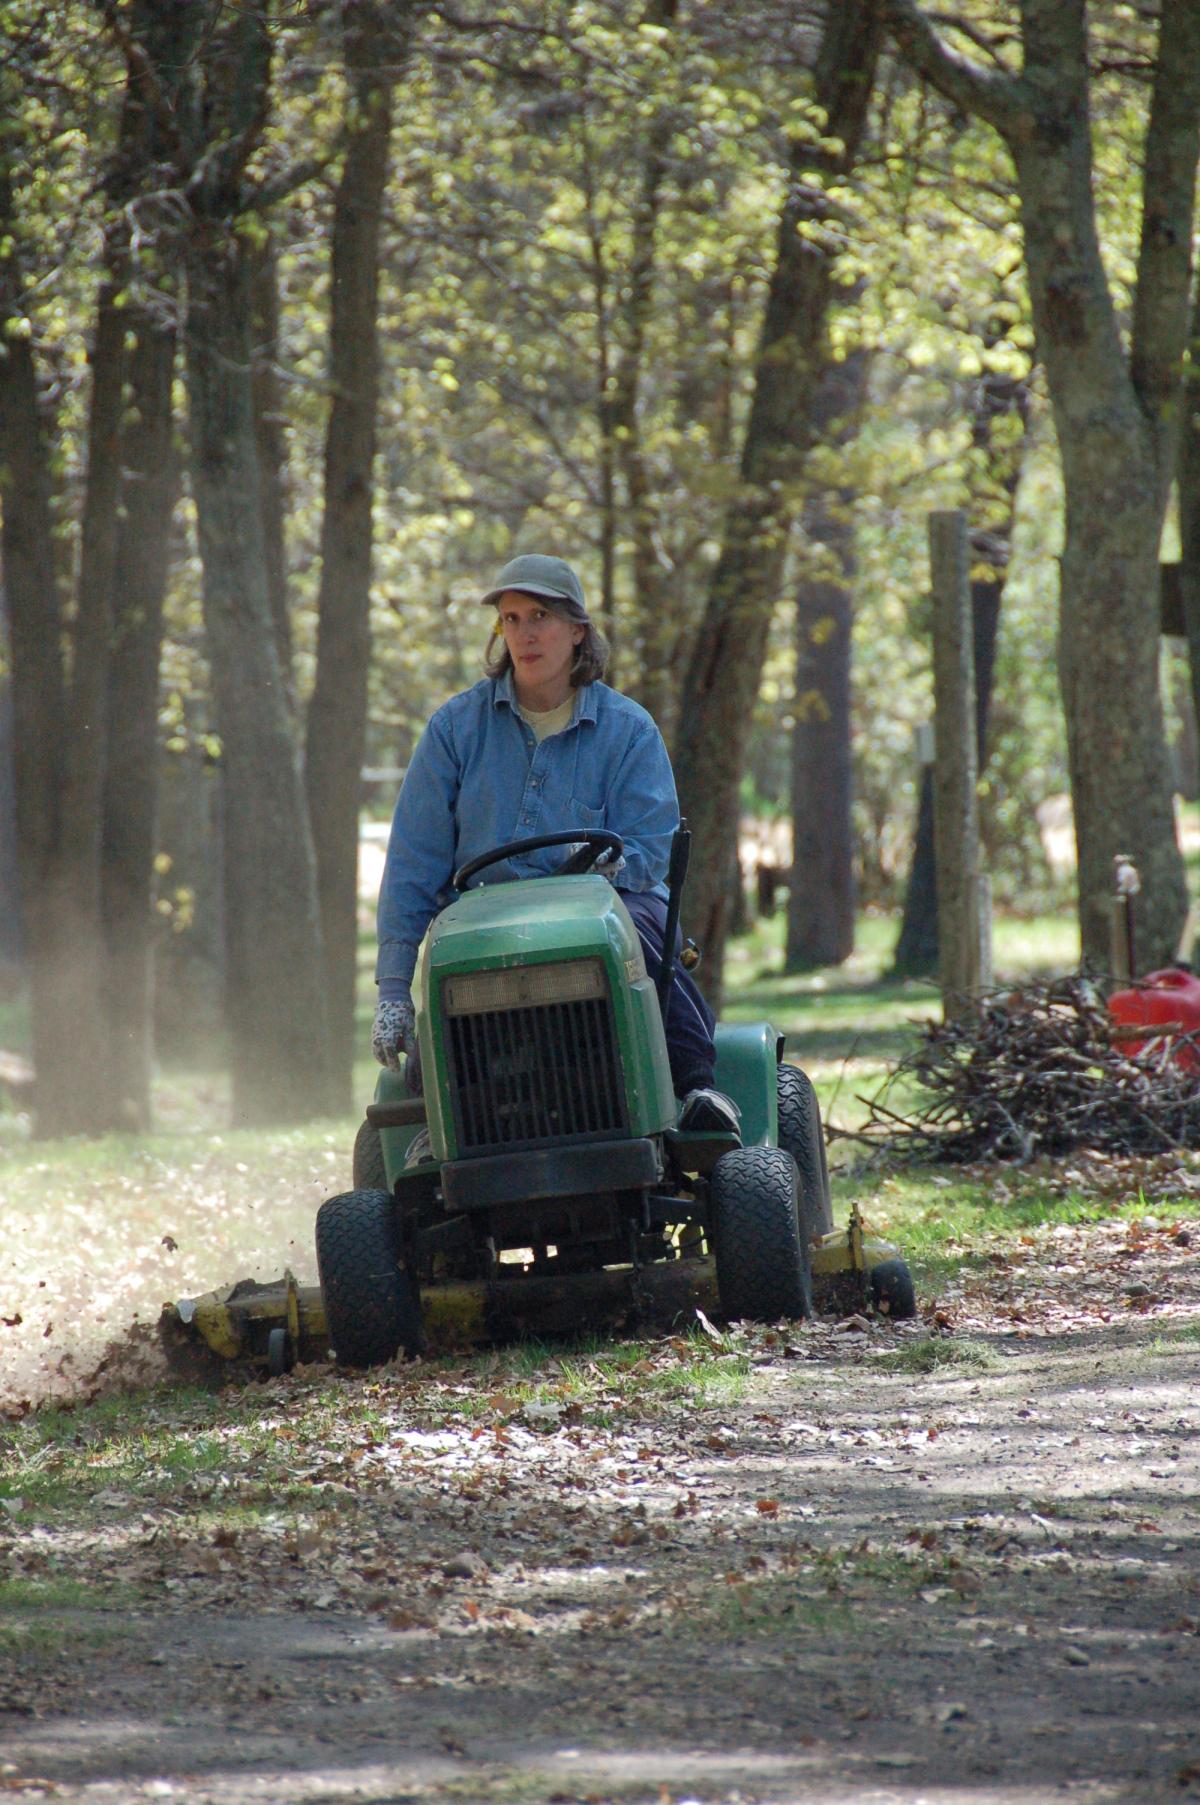 Dusty Mower